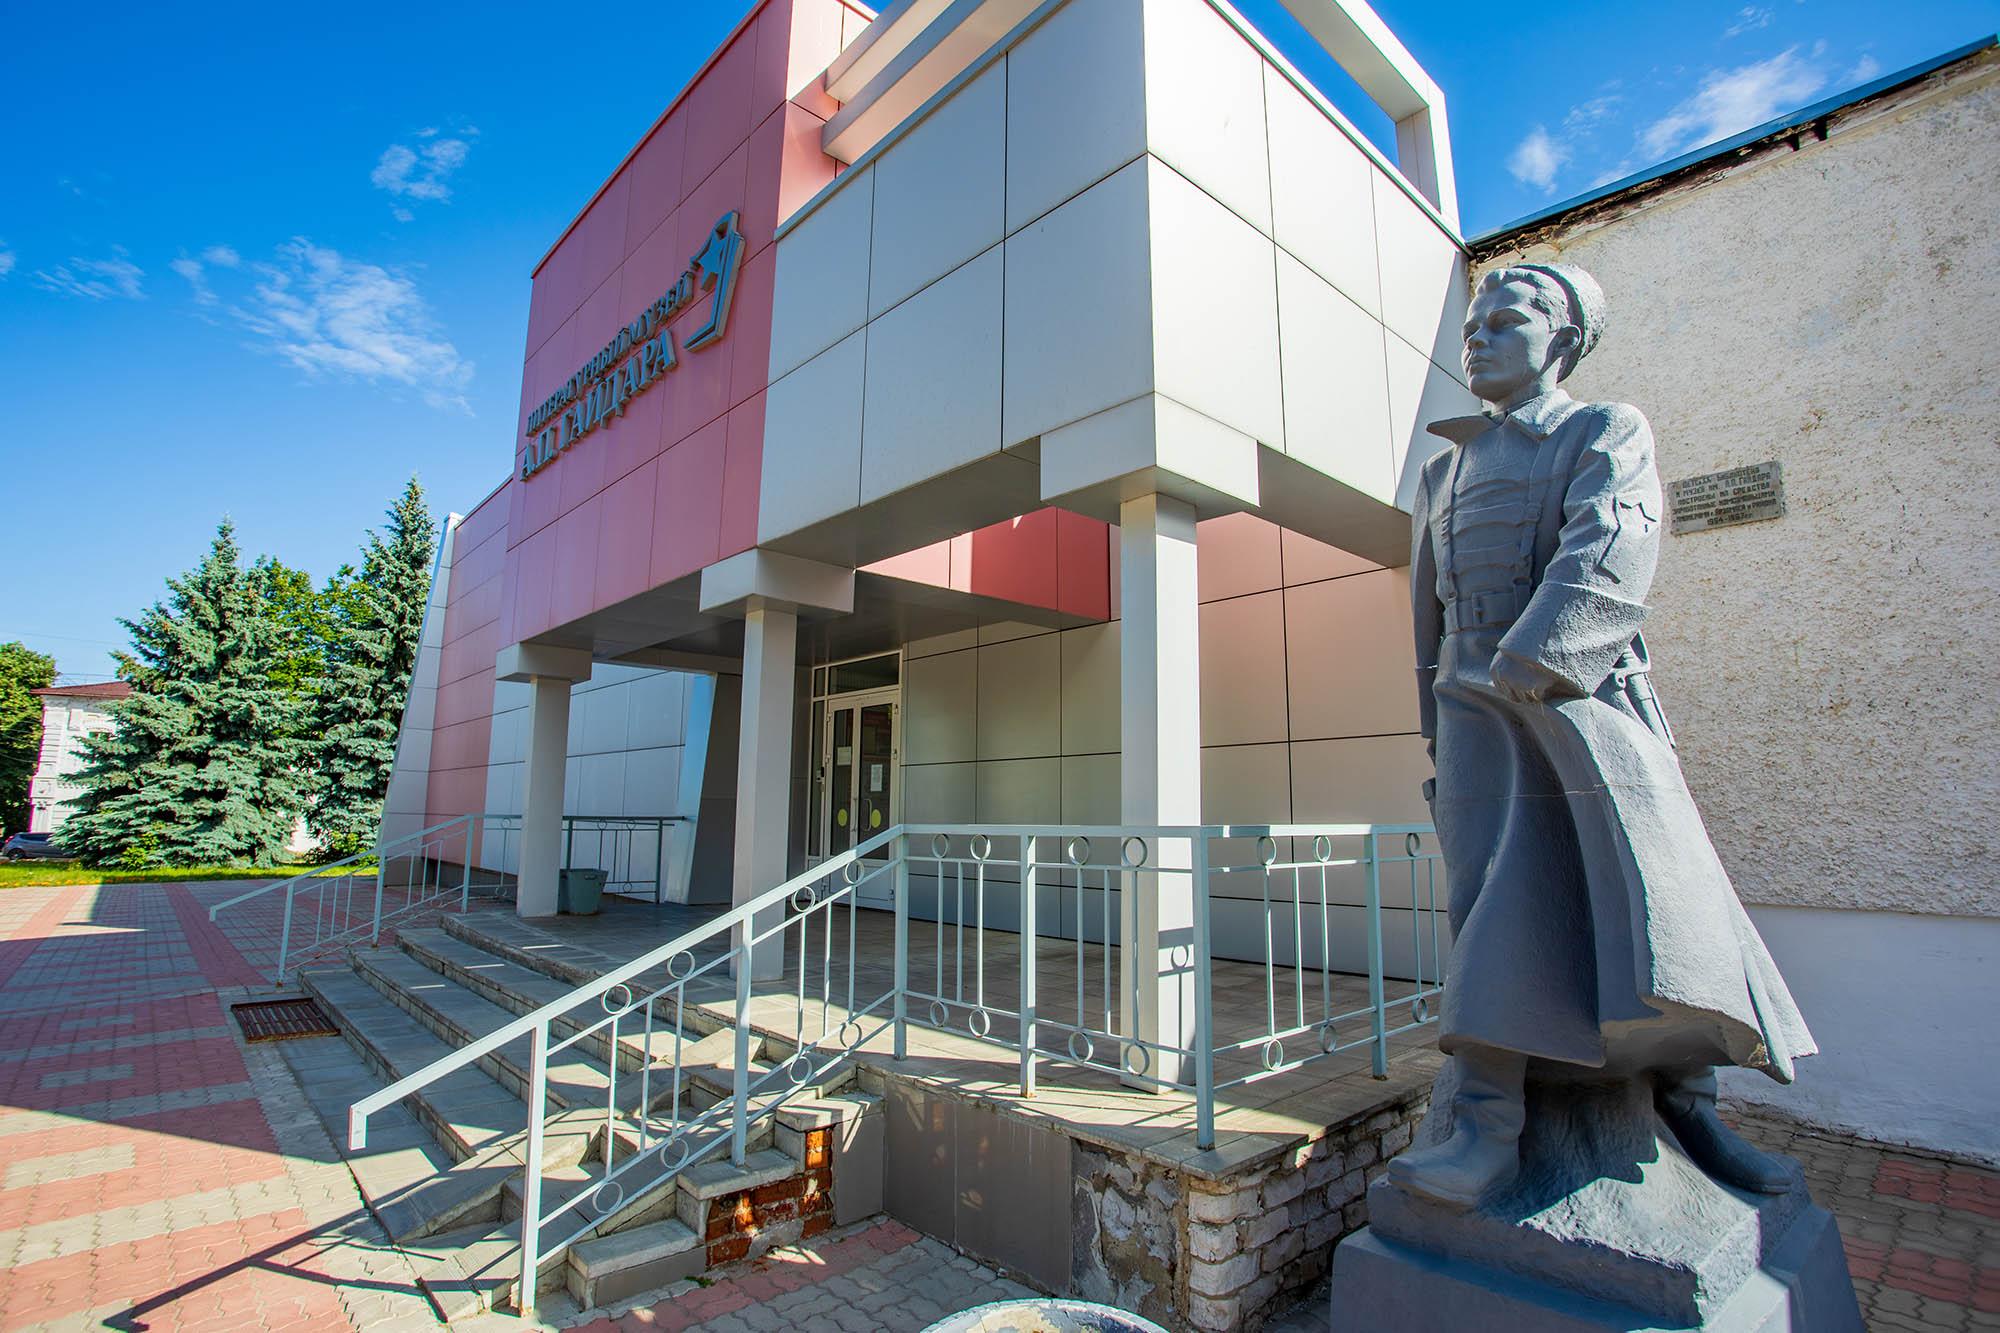 Выставка, посвященная Великой Отечественной войне, работает в арзамасском Литературном музее Гайдара